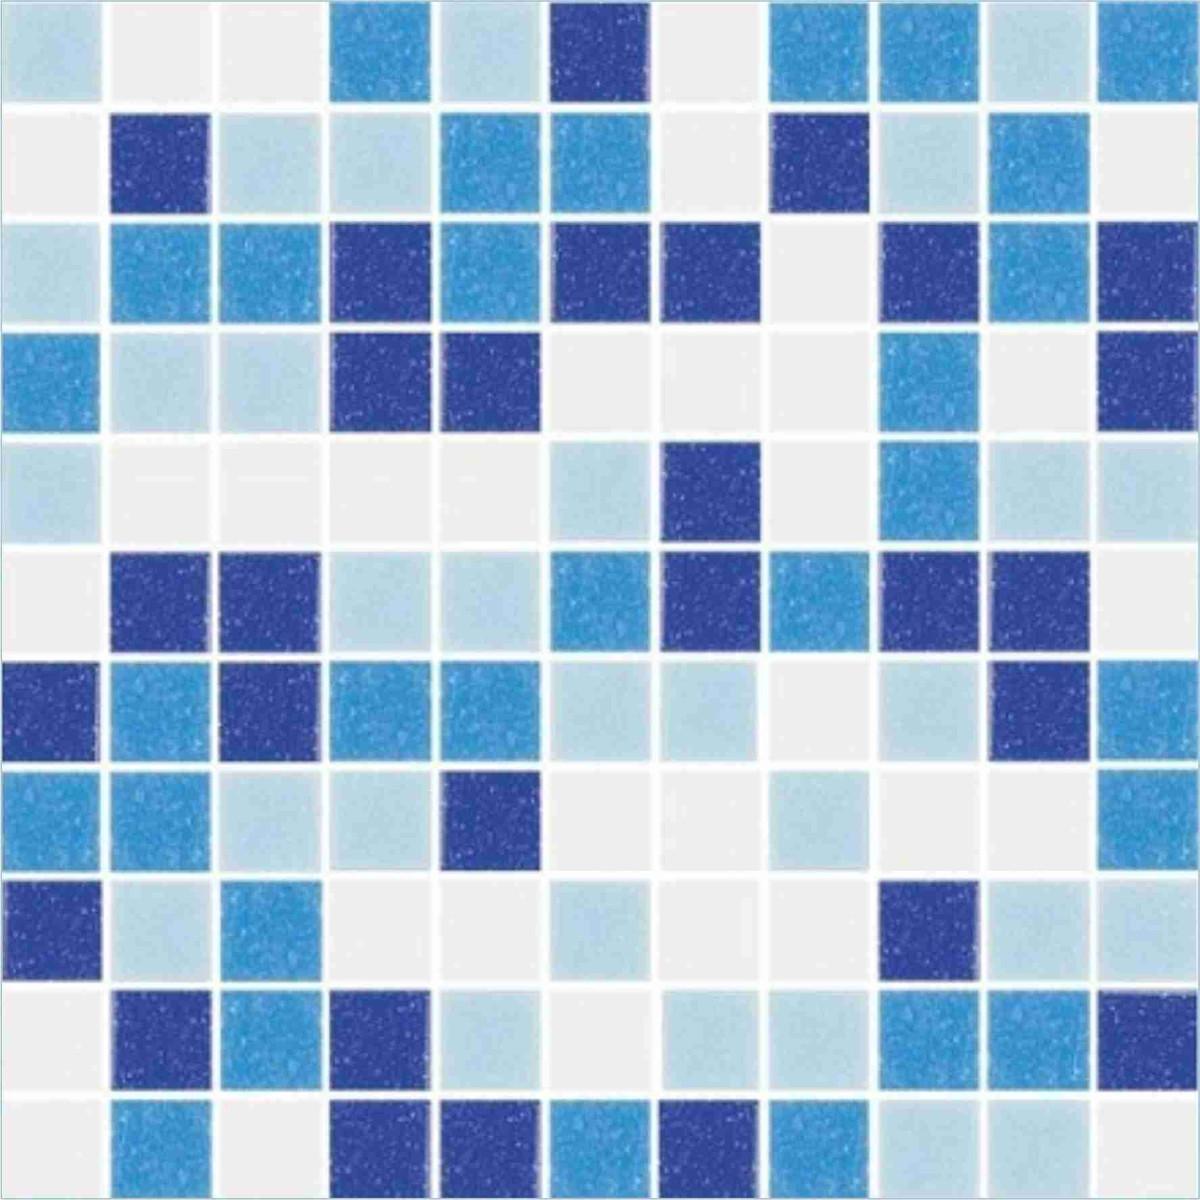 kit pastilhas azul bco frete gratis banheiro kit pastilhas azul bco  #1B76B0 1200x1200 Banheiro Azul Pastilha